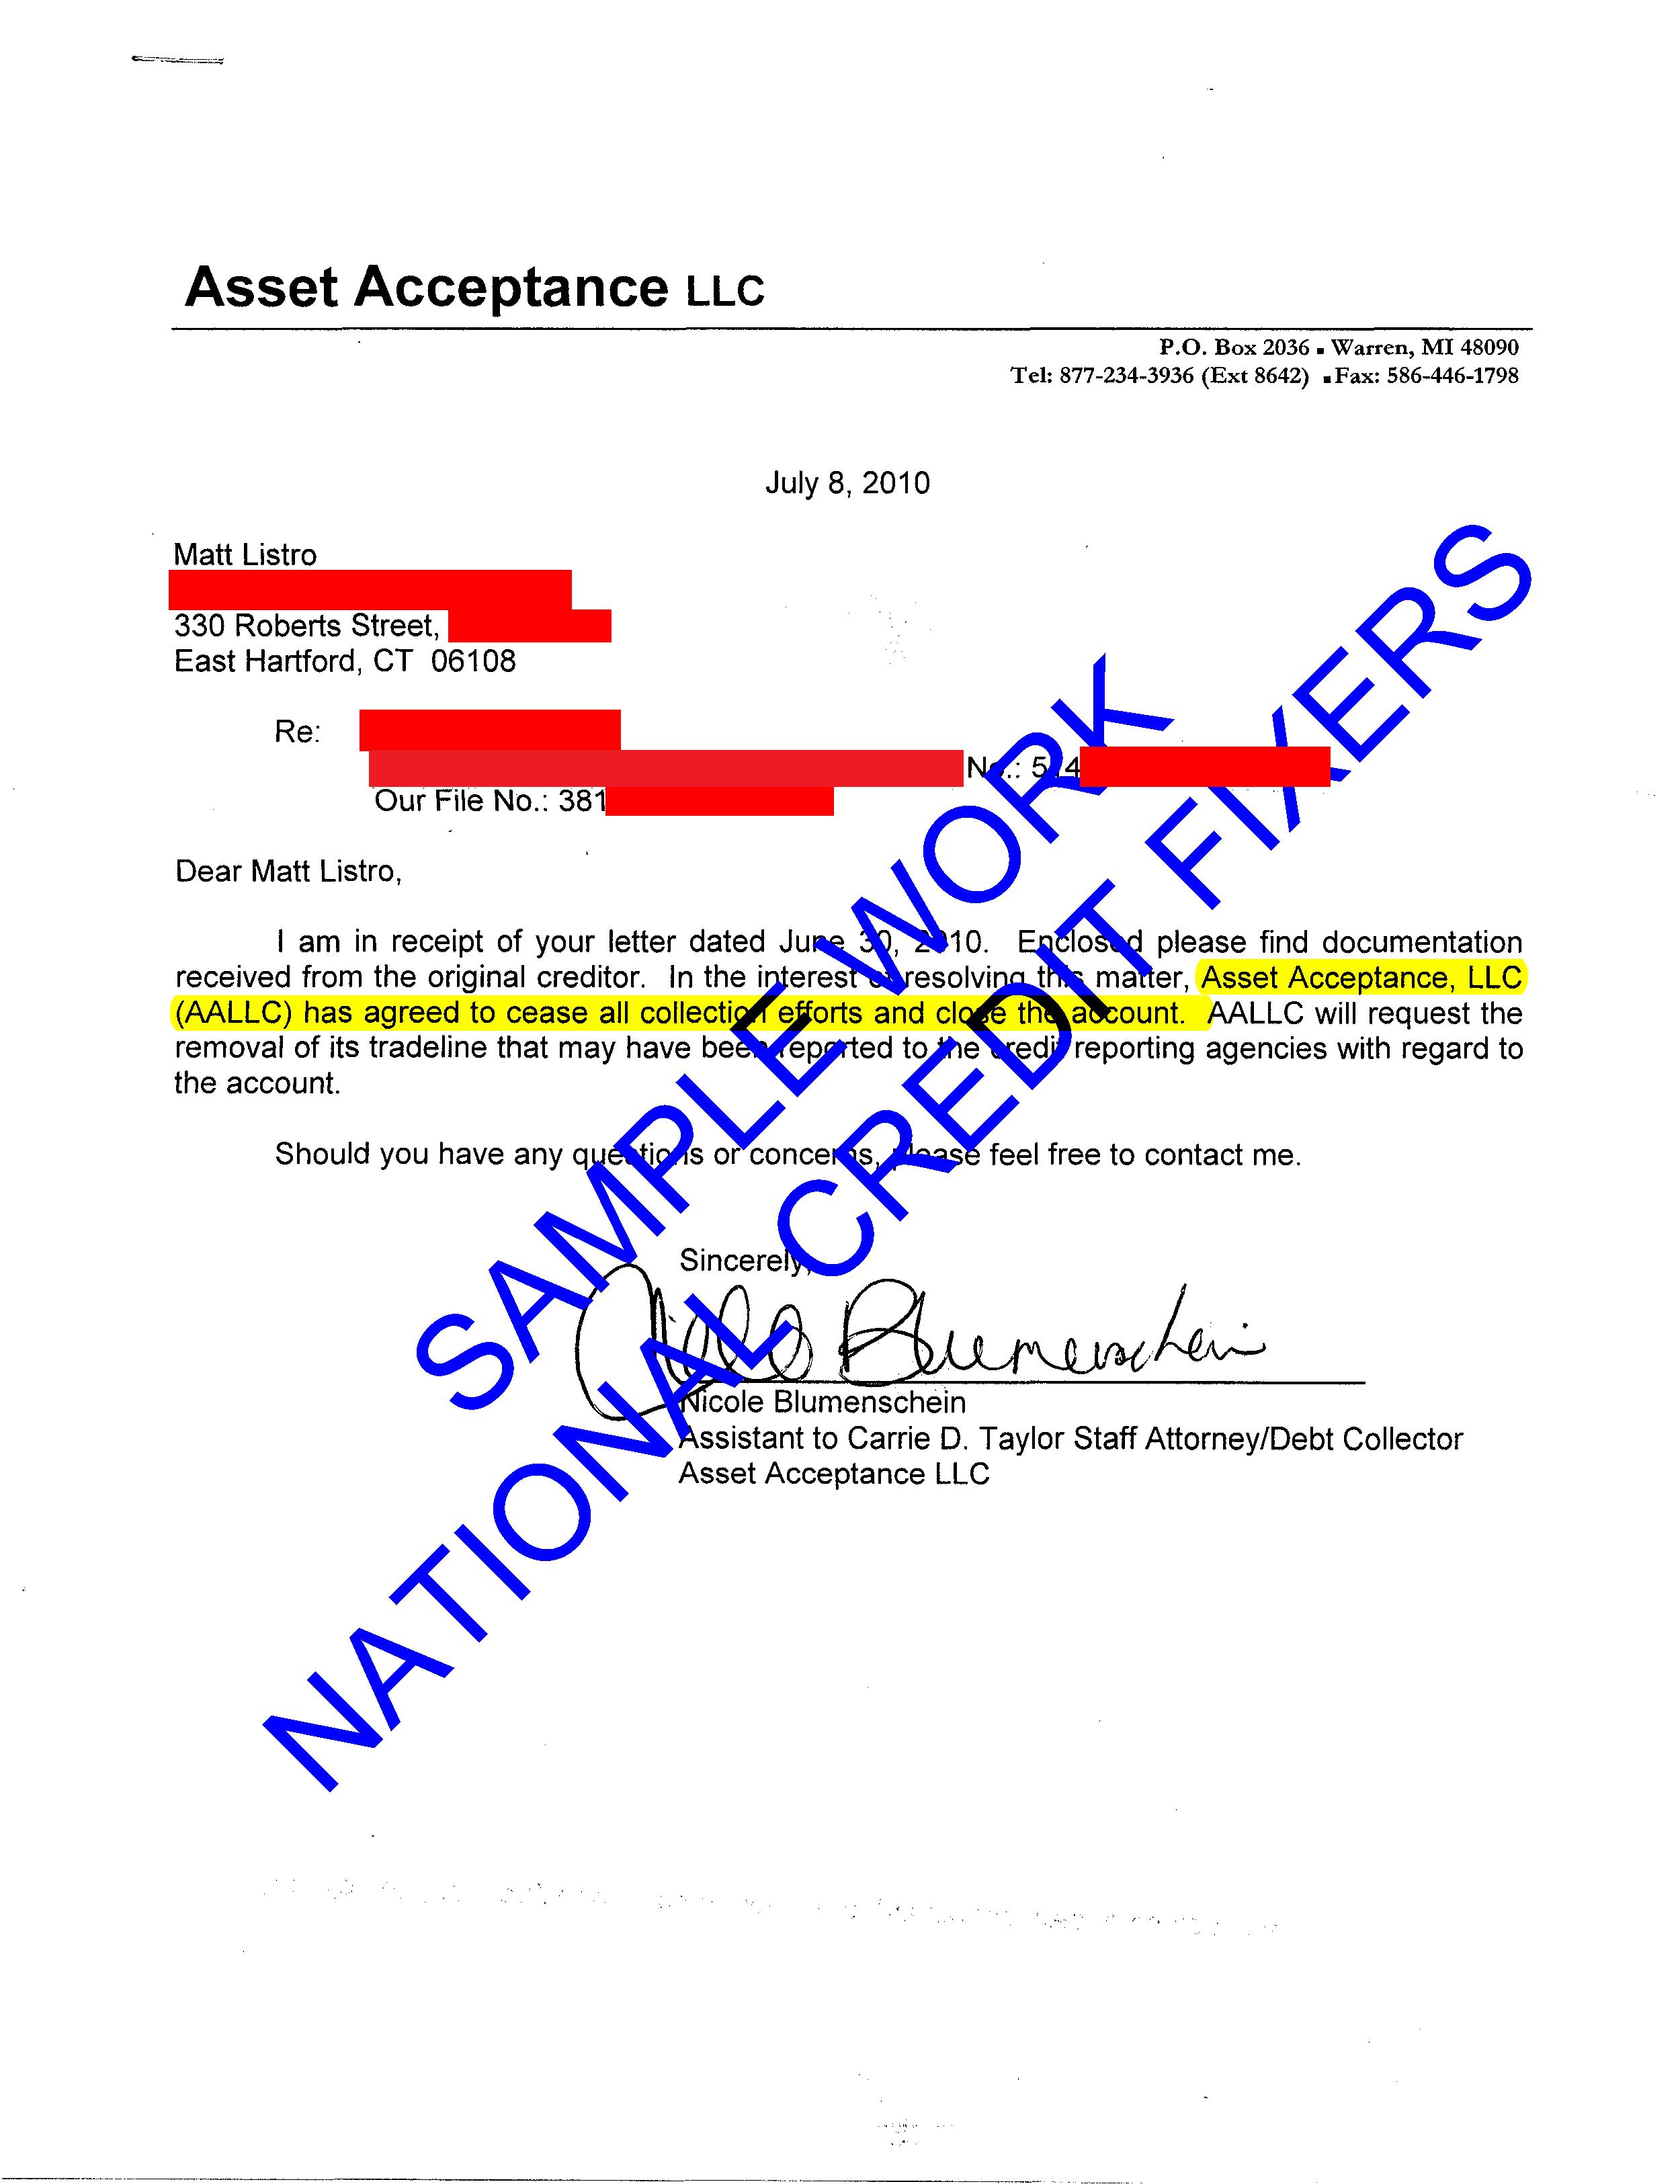 Asset Acceptance Deletion 7